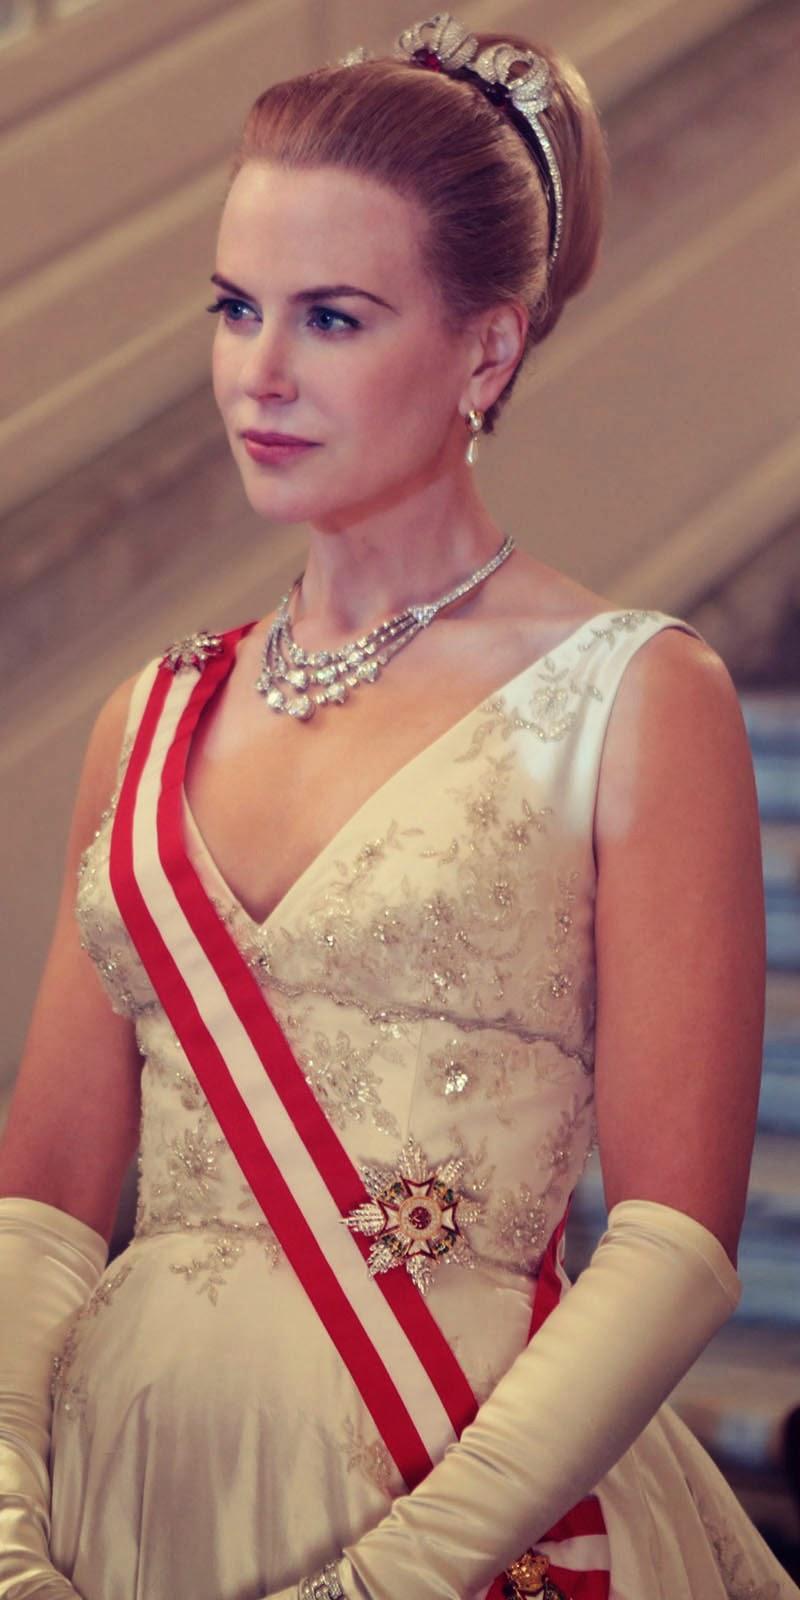 Nicole Kidman (Grace of Monaco)